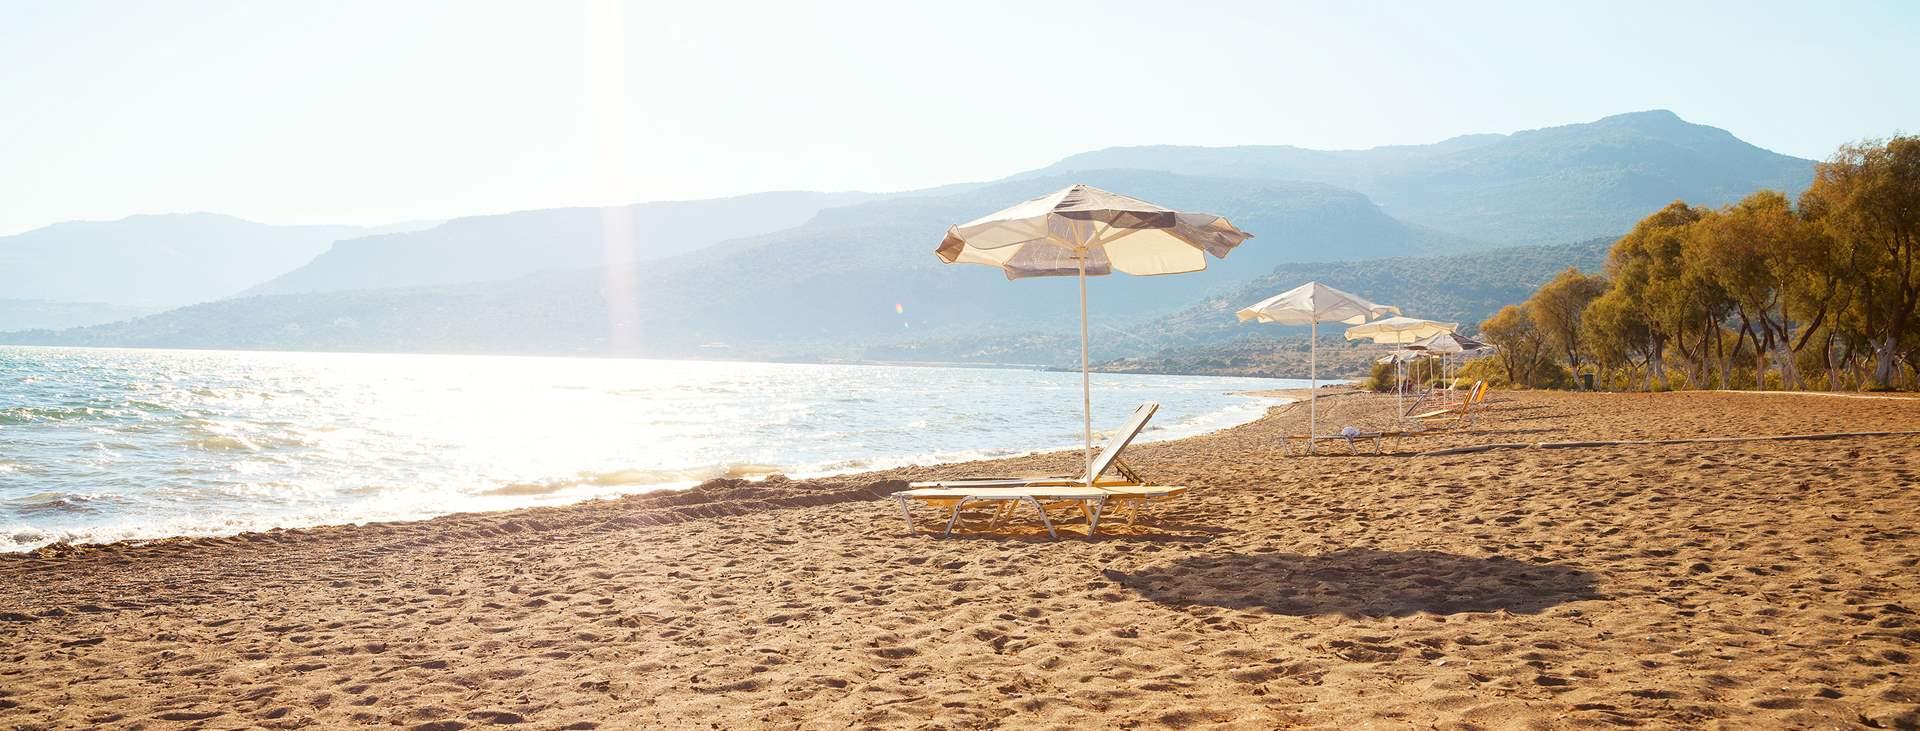 Reiser til Skala Kallonis på den greske øya Lesvos